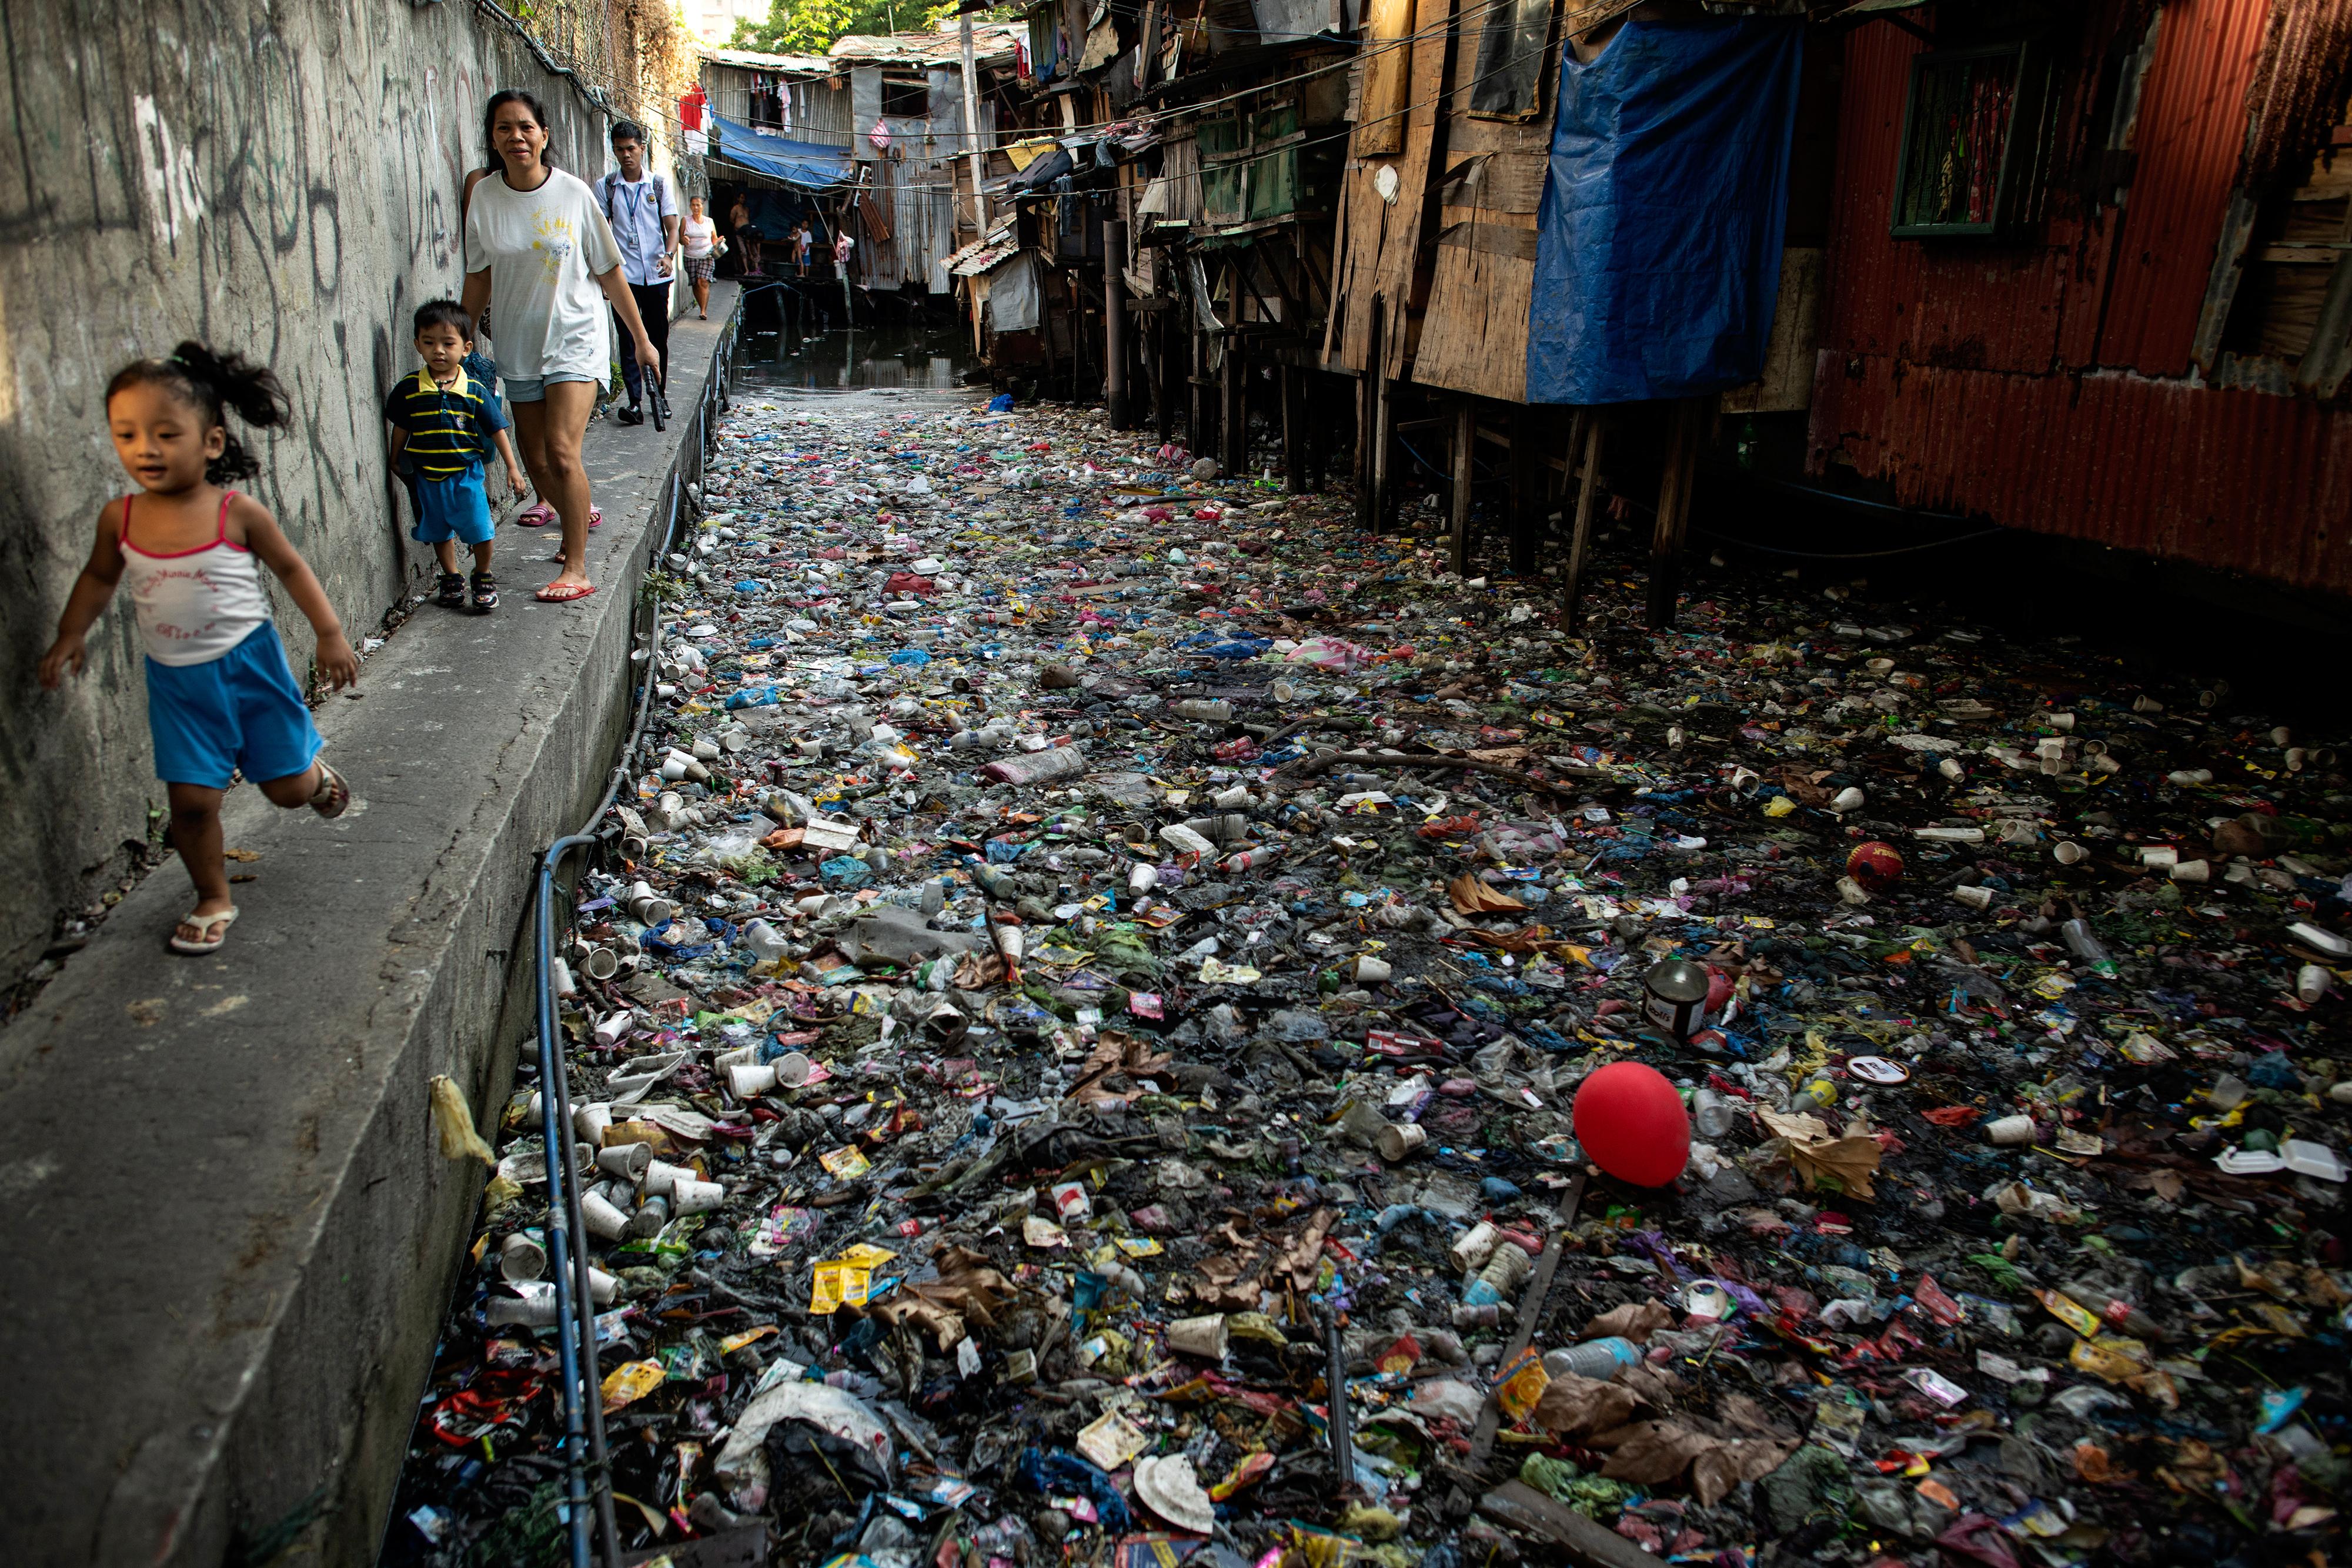 Több mint 180 ország támogatta az egyezményt, ami korlátozza a műanyag szemét terítését